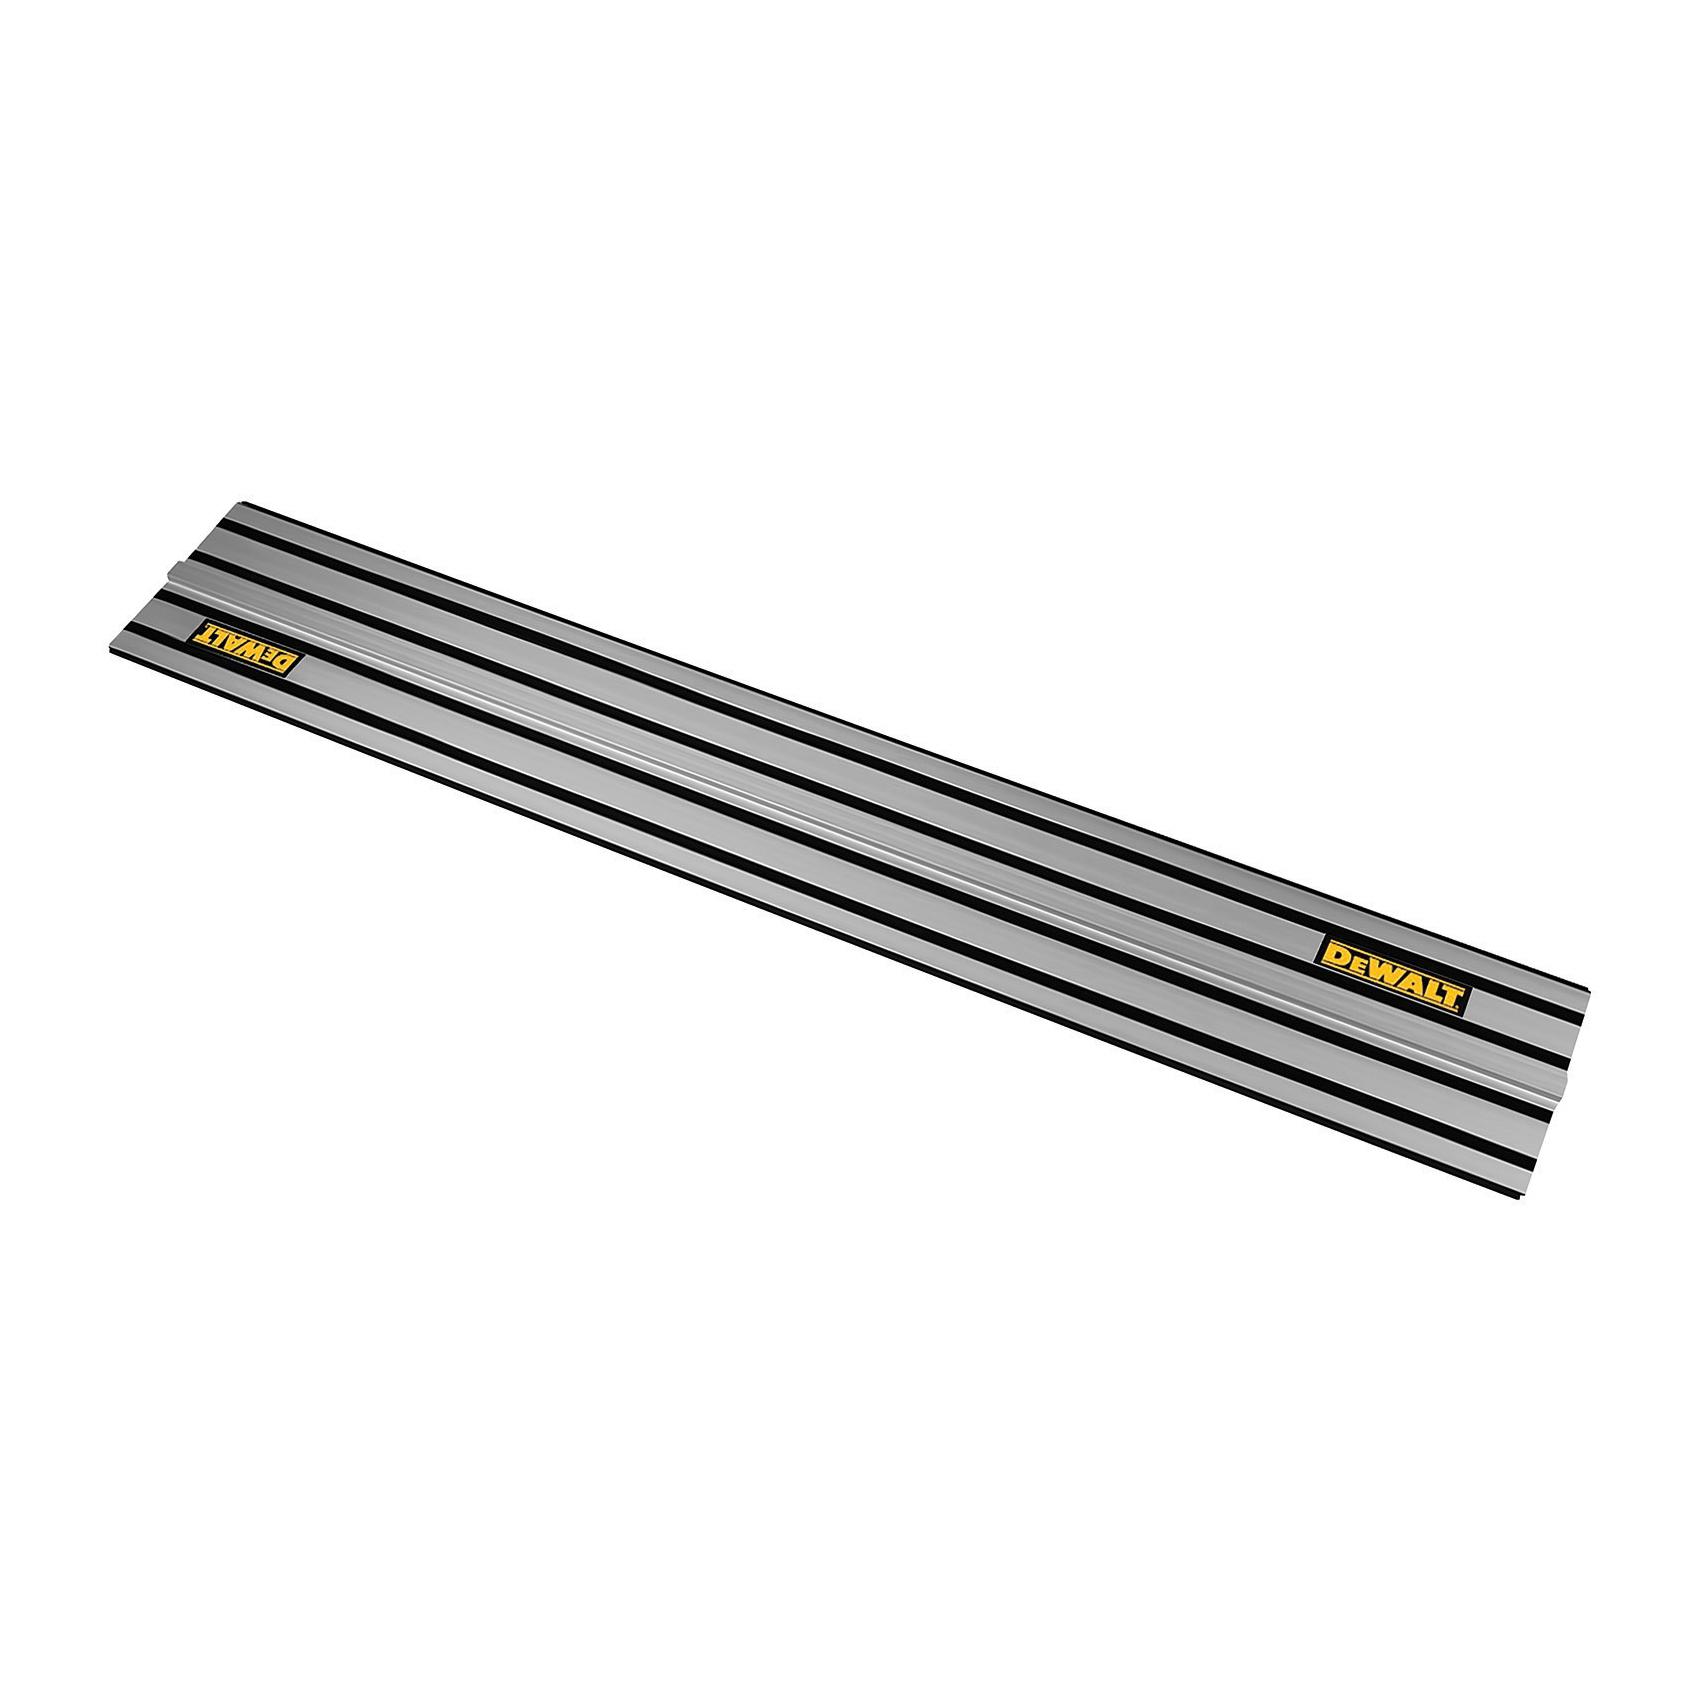 DeWALT® TrackSaw™ DWS5020 Track, For Use With DeWALT® Corded Power Tools